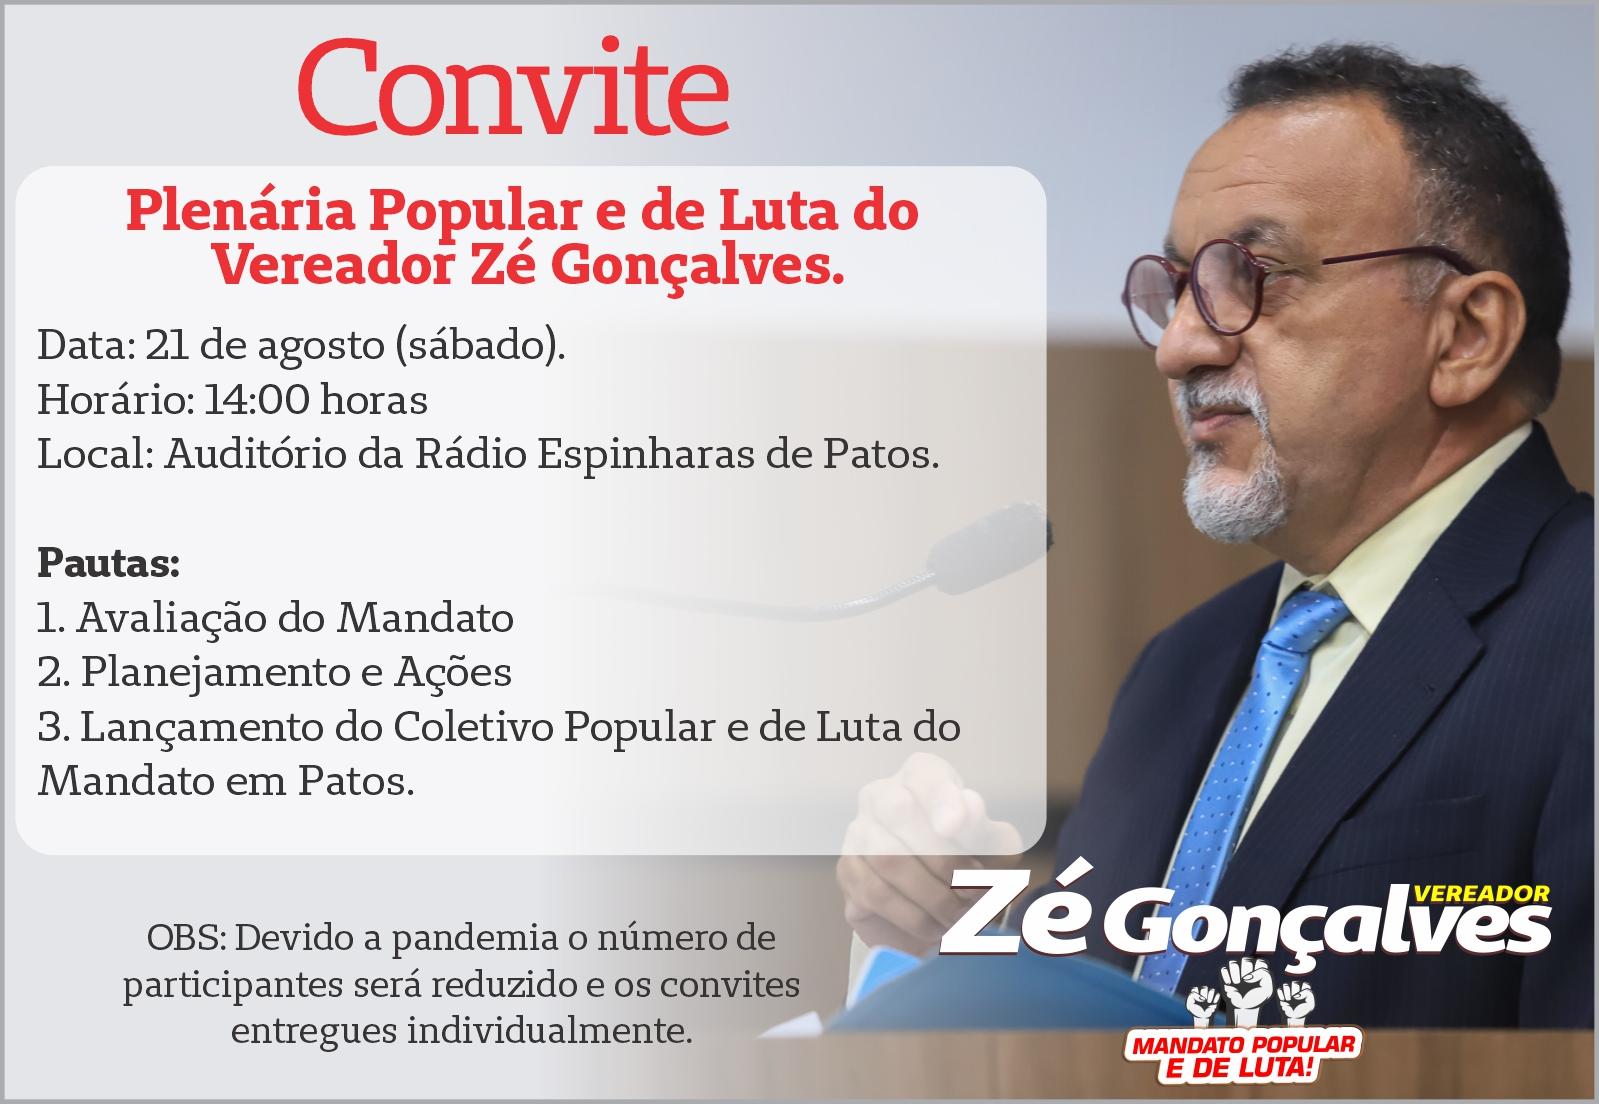 Zé Gonçalves fará Plenária Popular para avaliar o mandato em Patos.